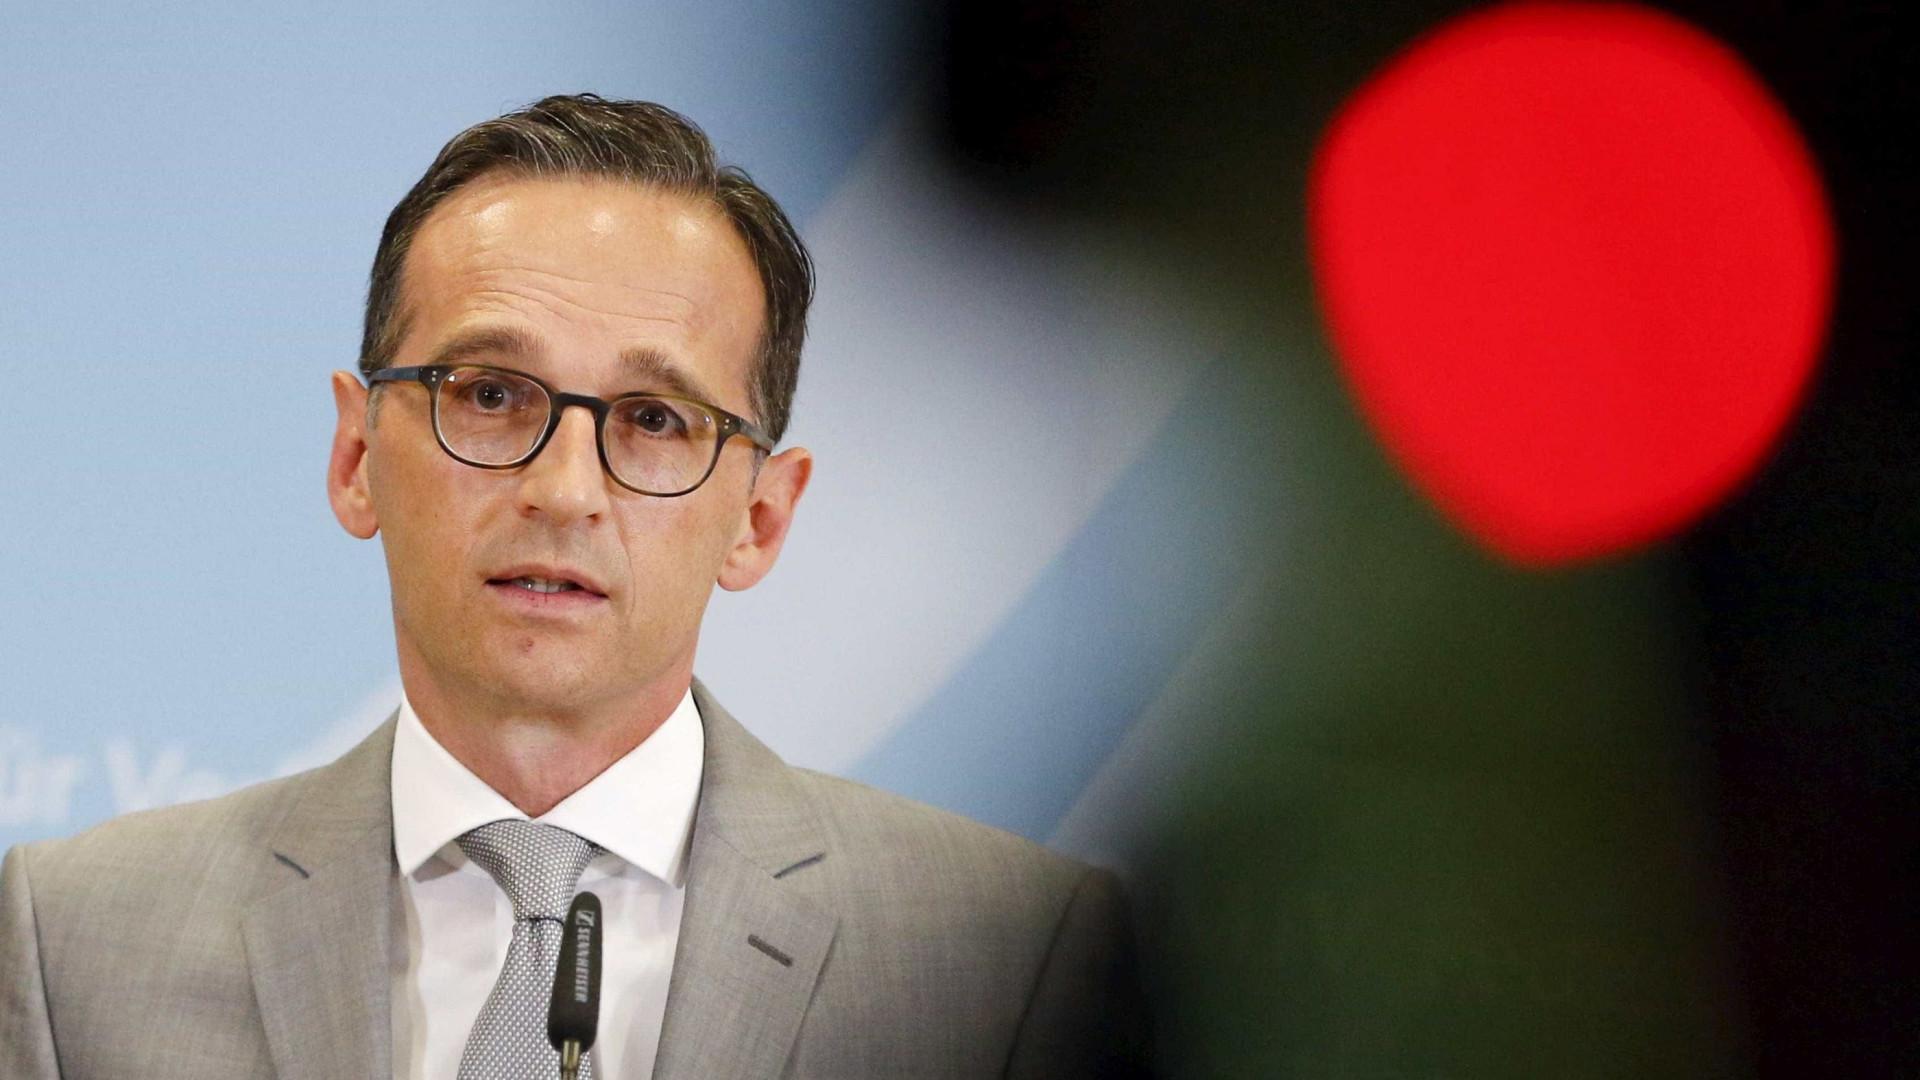 Alemanha 'será sempre responsável' por Auschwitz, diz ministro